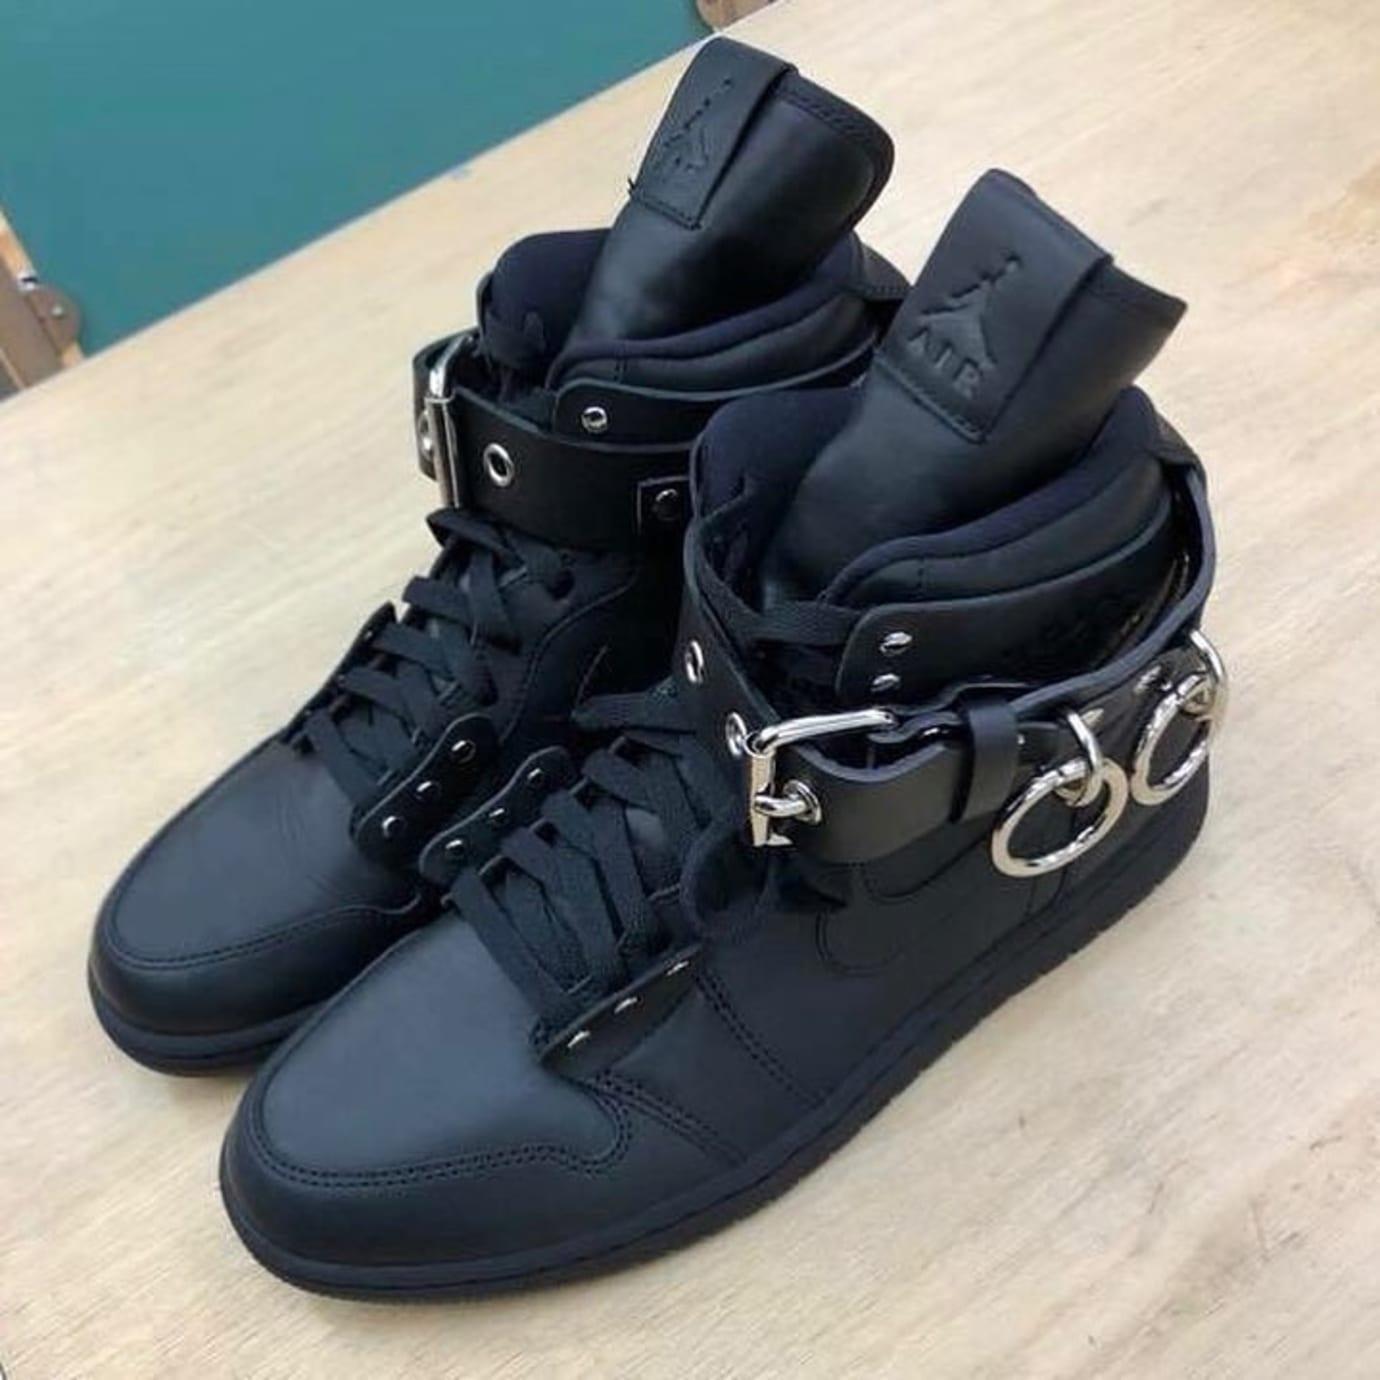 Comme des Garcons x Air Jordan 1 Black